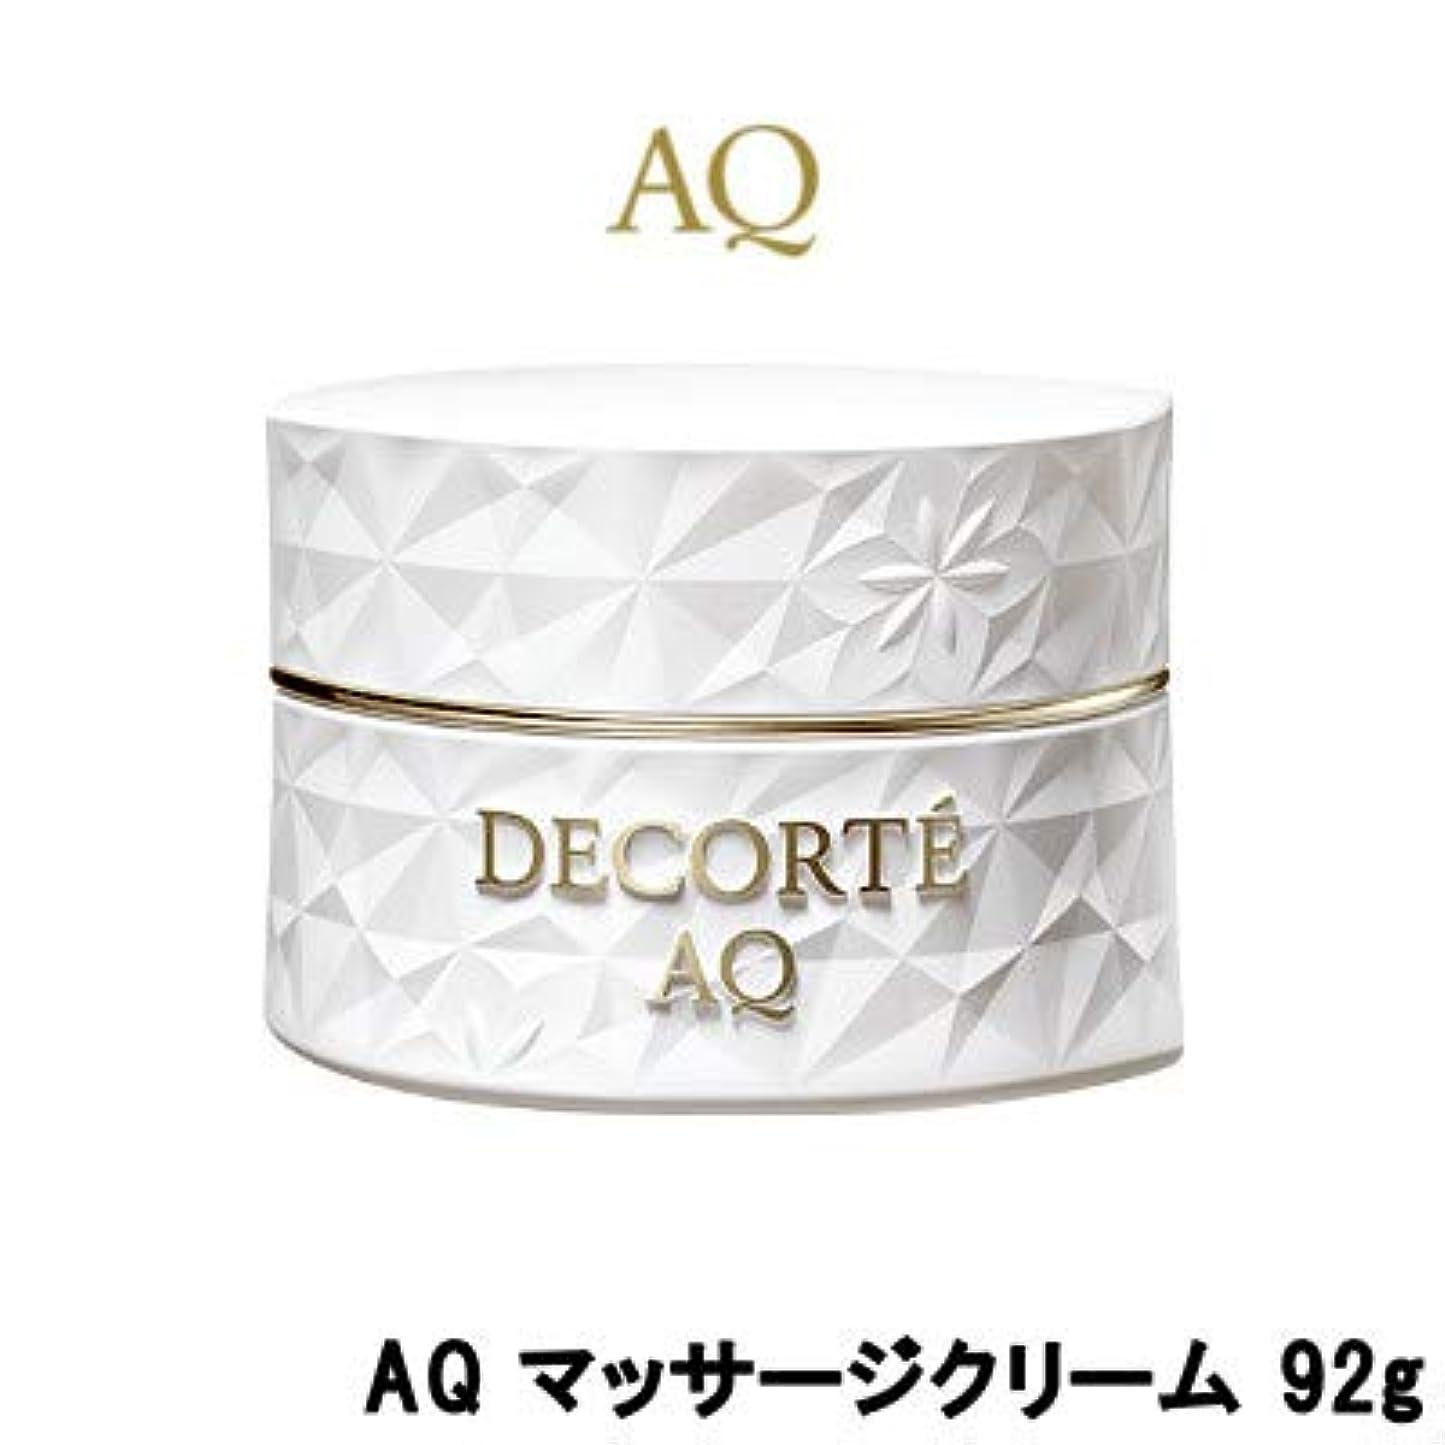 許さない強度旅コスメデコルテ AQ マッサージクリーム(92g)